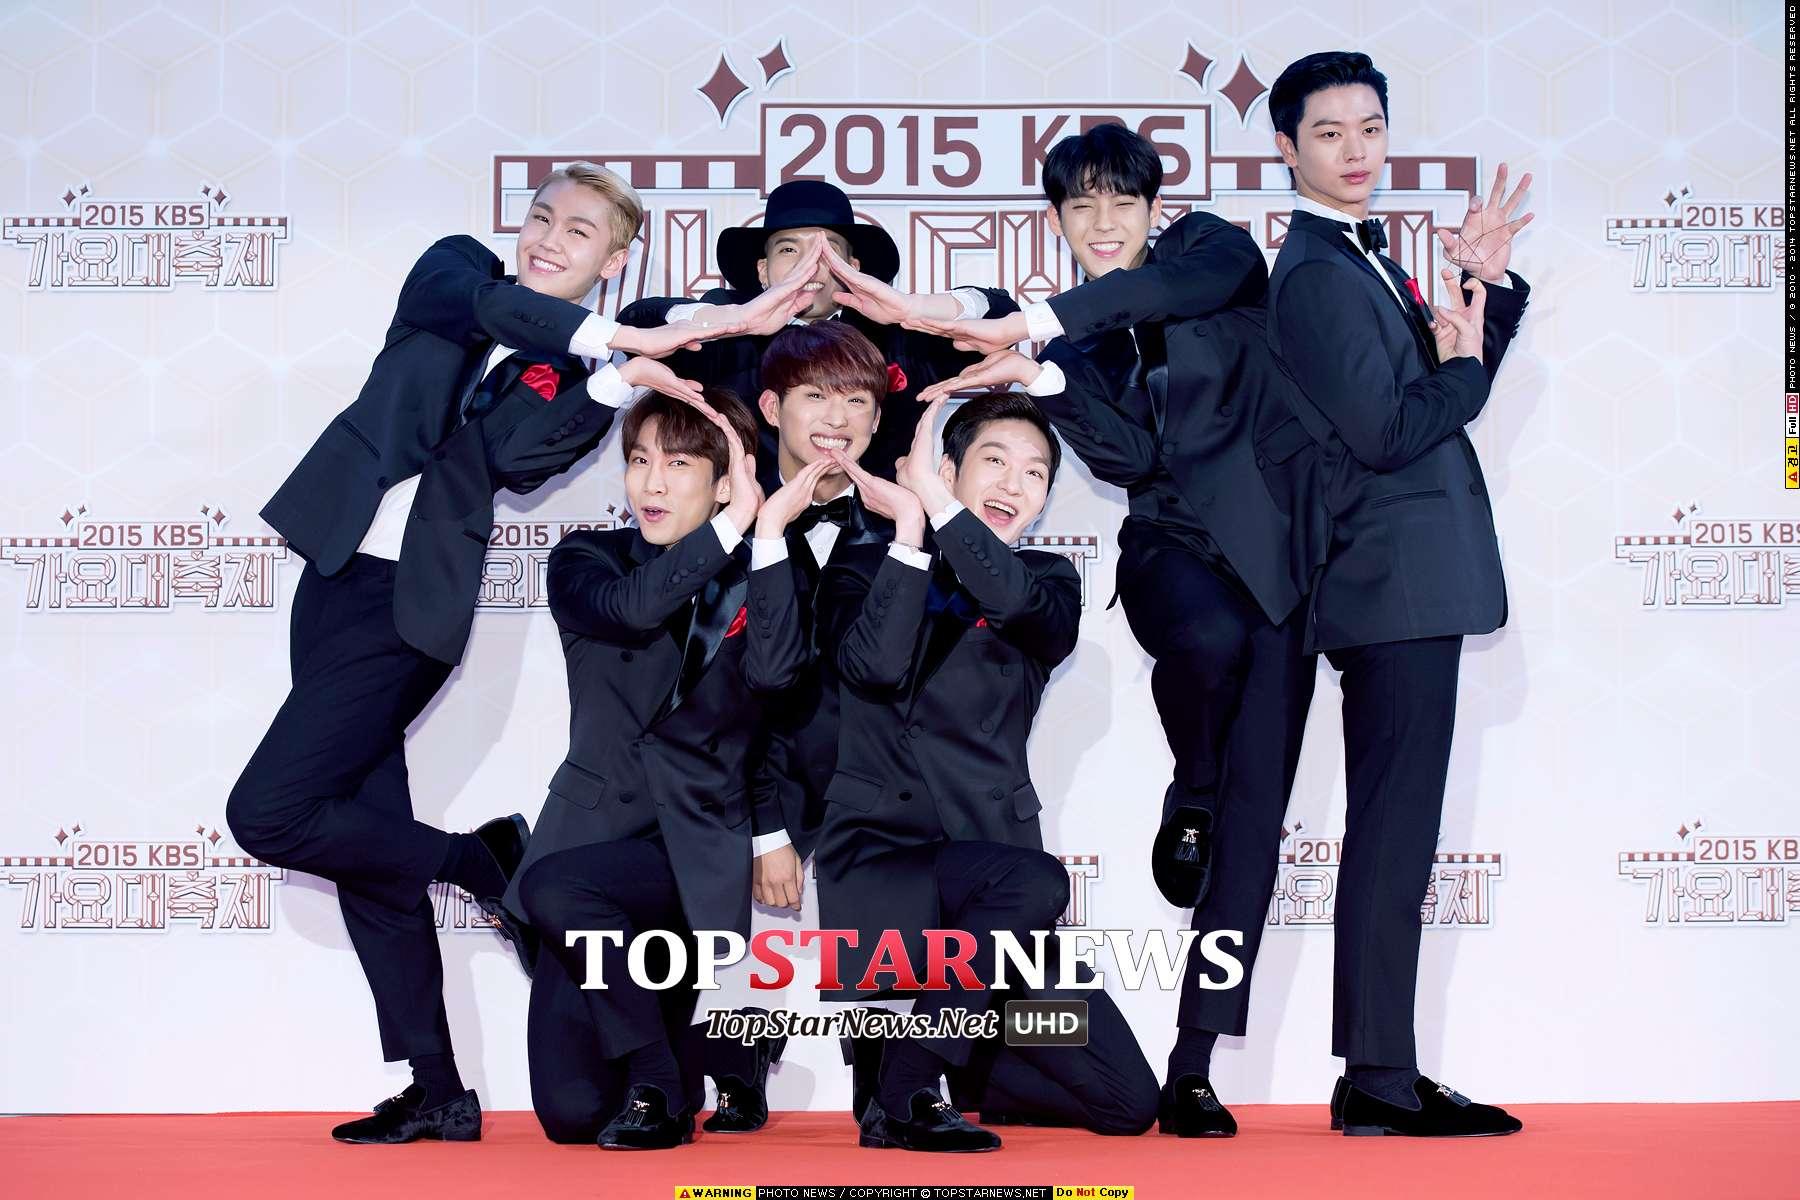 而去年在KBS歌謠大慶典上百的是一顆大星星 (星材每次都在旁邊擔任圖形角色XDD)  2015.12.30 KBS歌謠大慶典